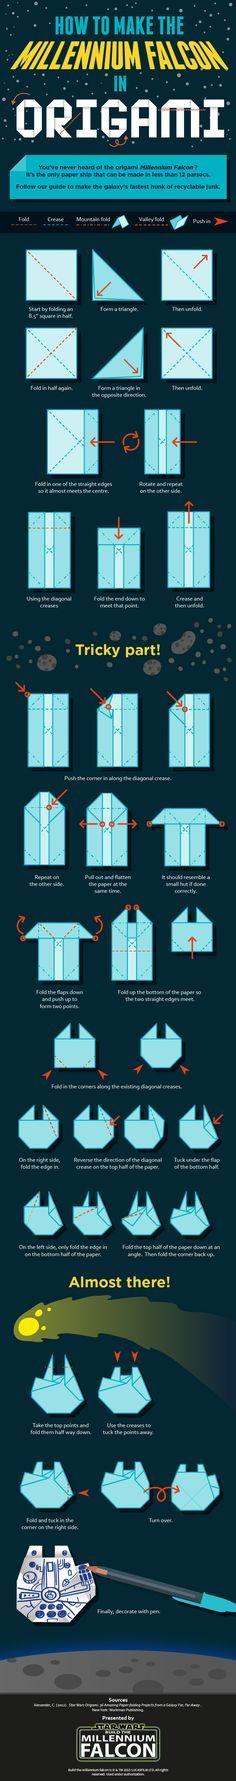 Make a Millennium Falcon in origami